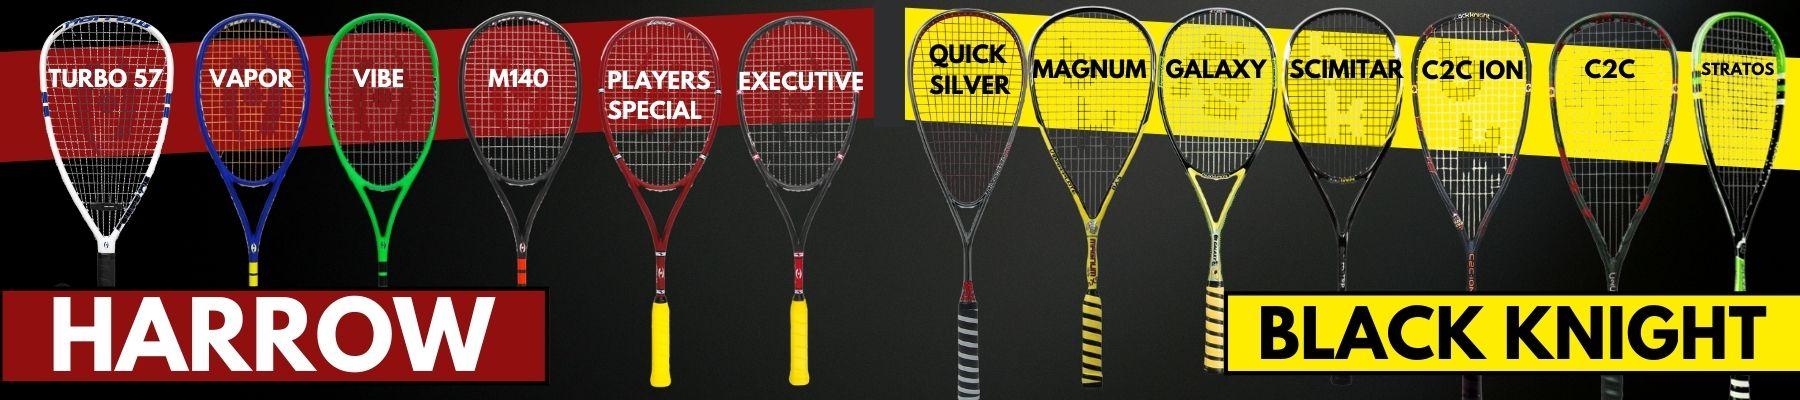 Squash Pro Shop The Centre Collingwood